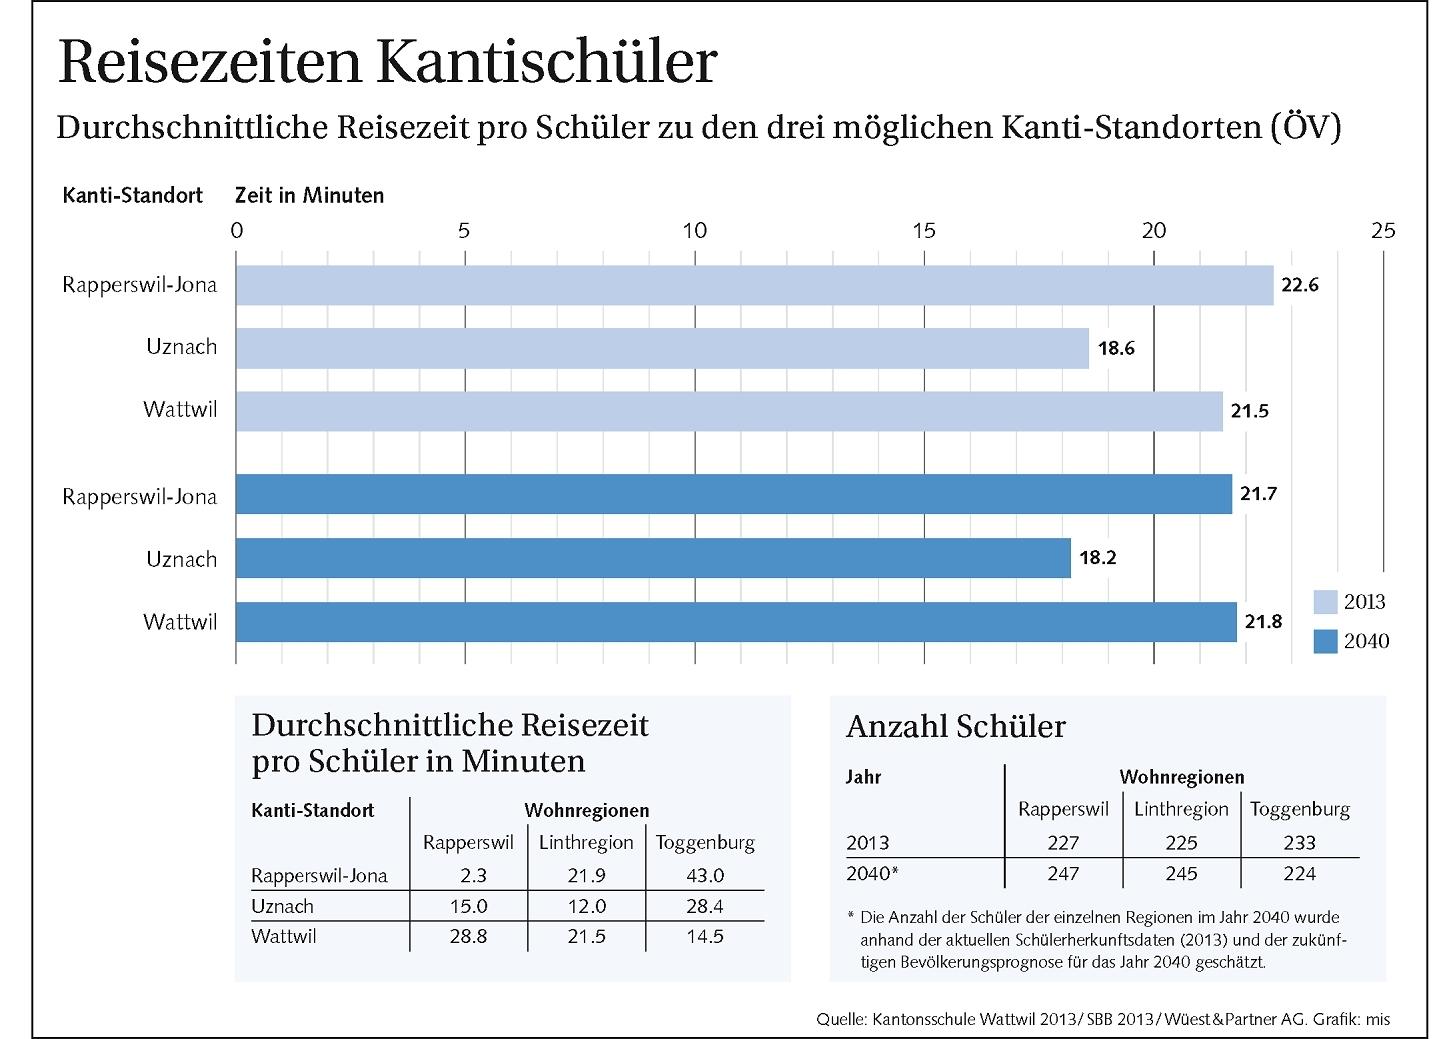 Kanti-Studie sorgt für Aufruhr (Mittwoch, 13.08.2014)